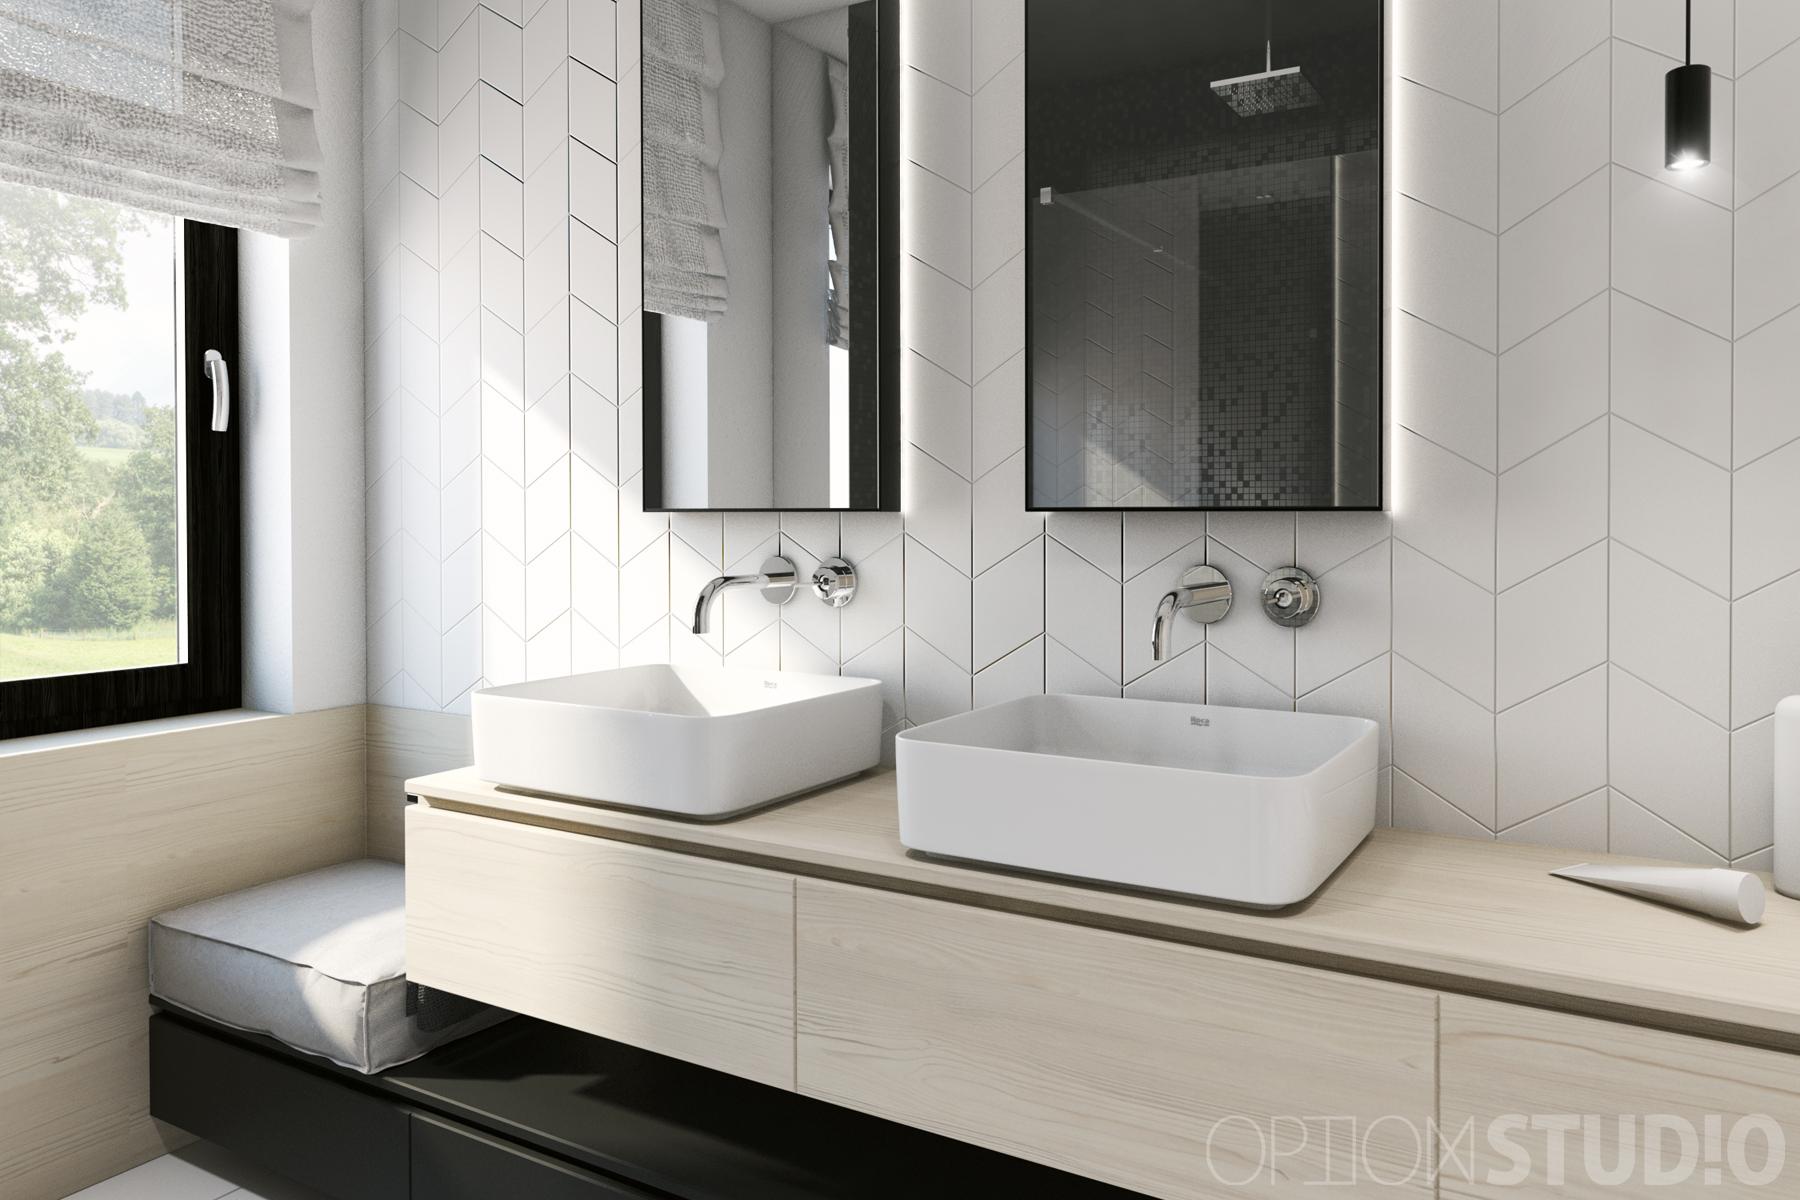 Architekt wnętrz - projekty wnętrz nowoczesnych - Łódź - łazienka z oknem 1